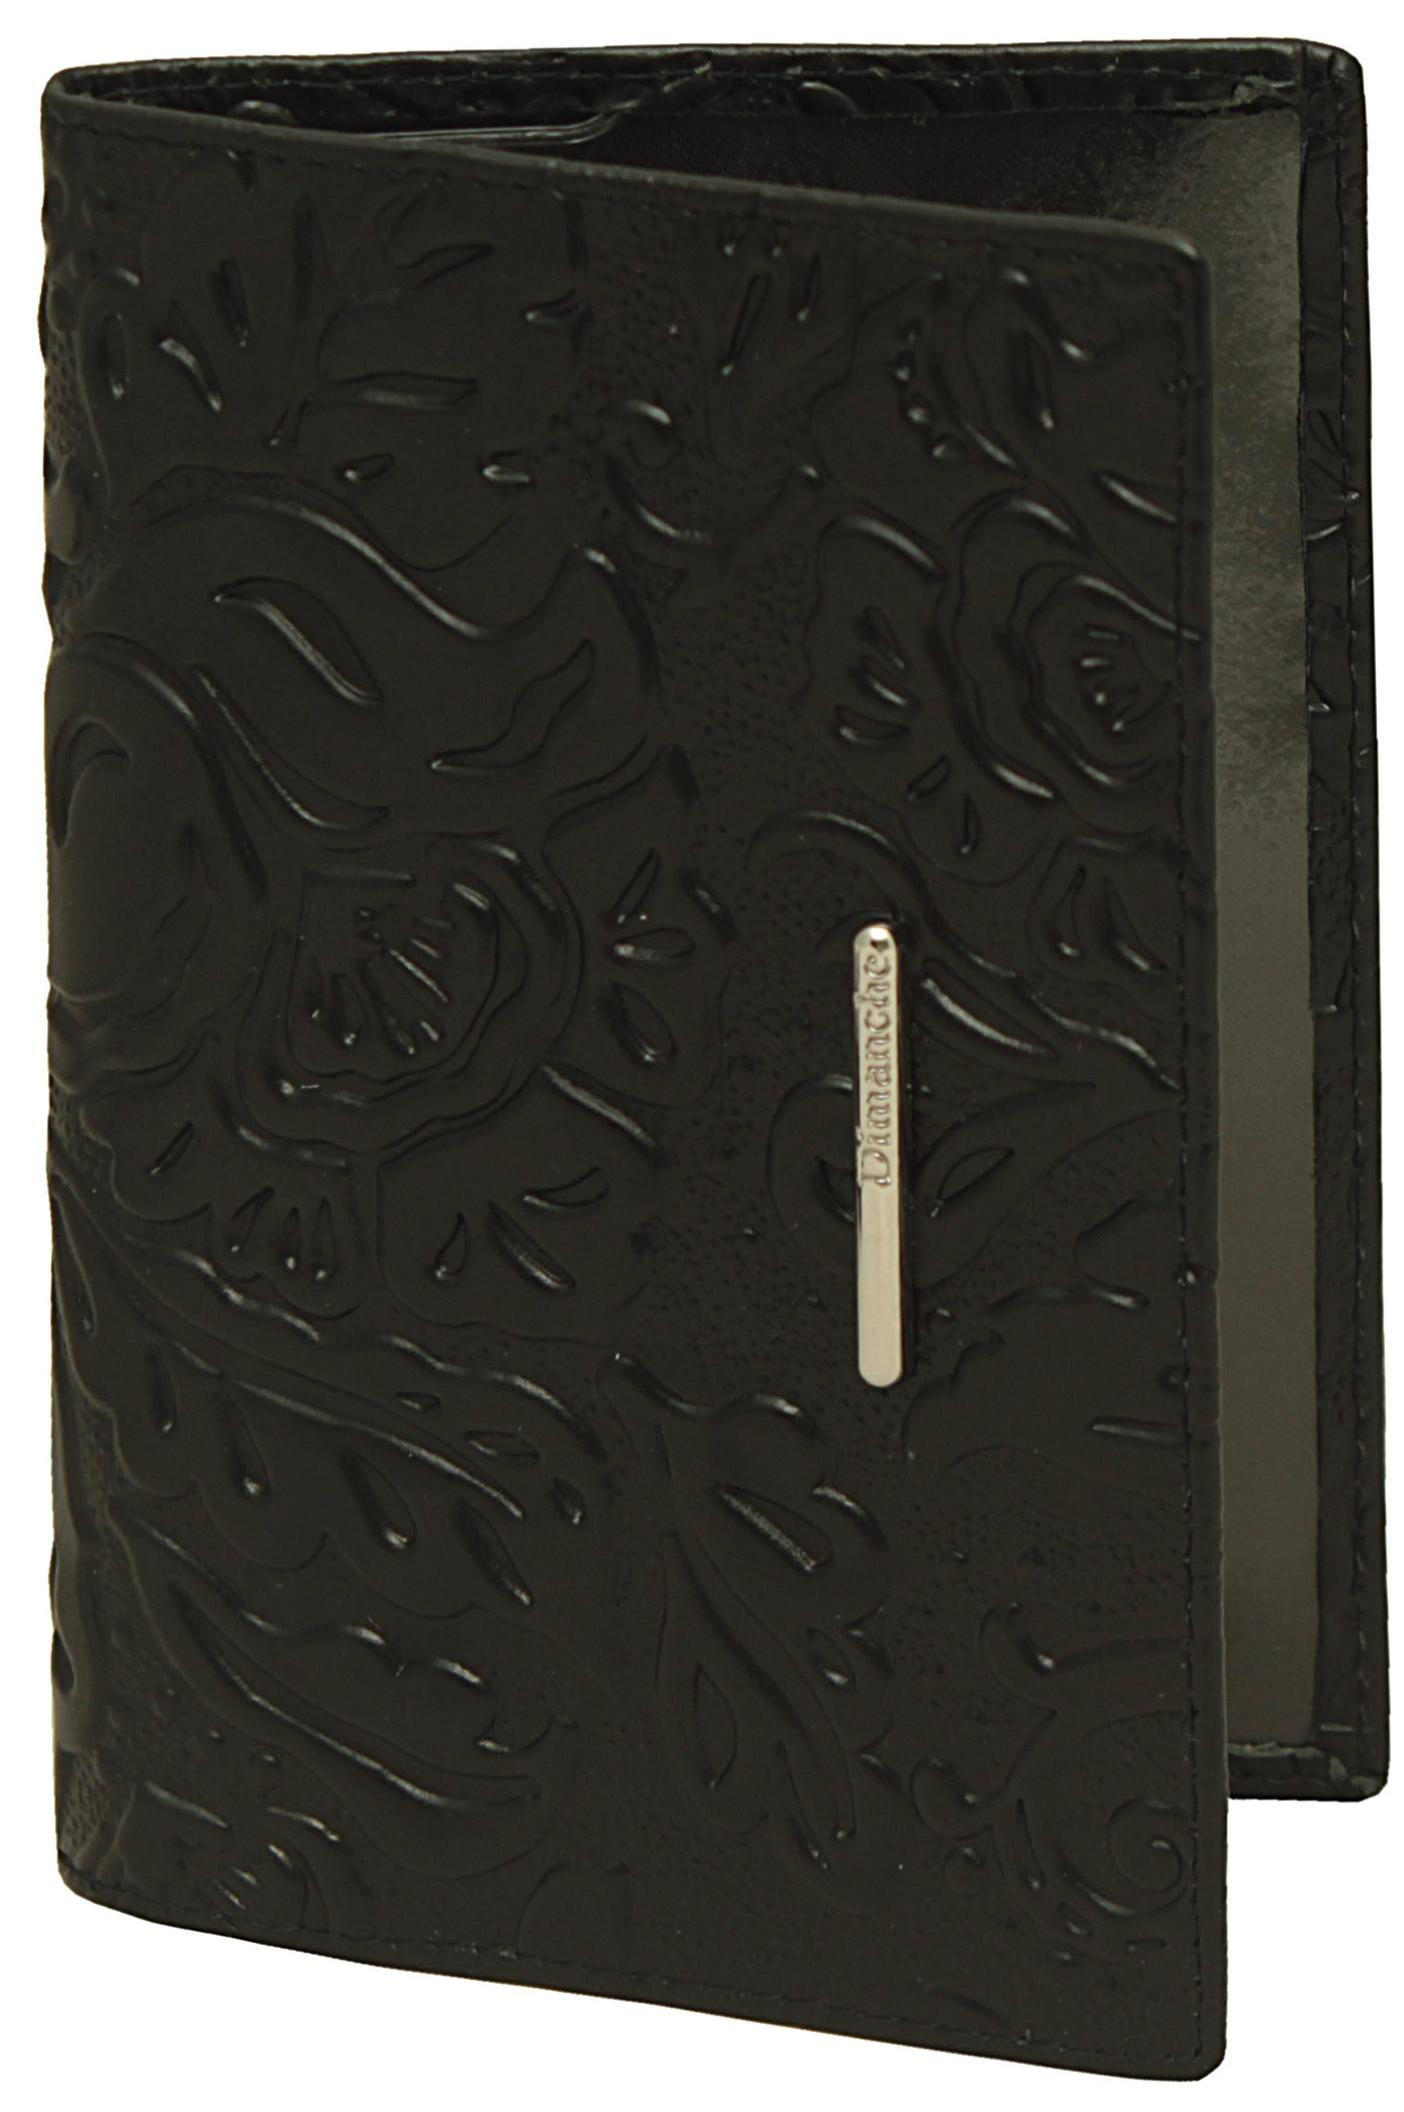 Обложка для документов женская Dimanche, цвет: черный. 350350Элегантная обложка для паспорта из натуральной кожи с оригинальным тиснением и изящным украшением. На внутреннем развороте два кармана из прозрачного пластика.